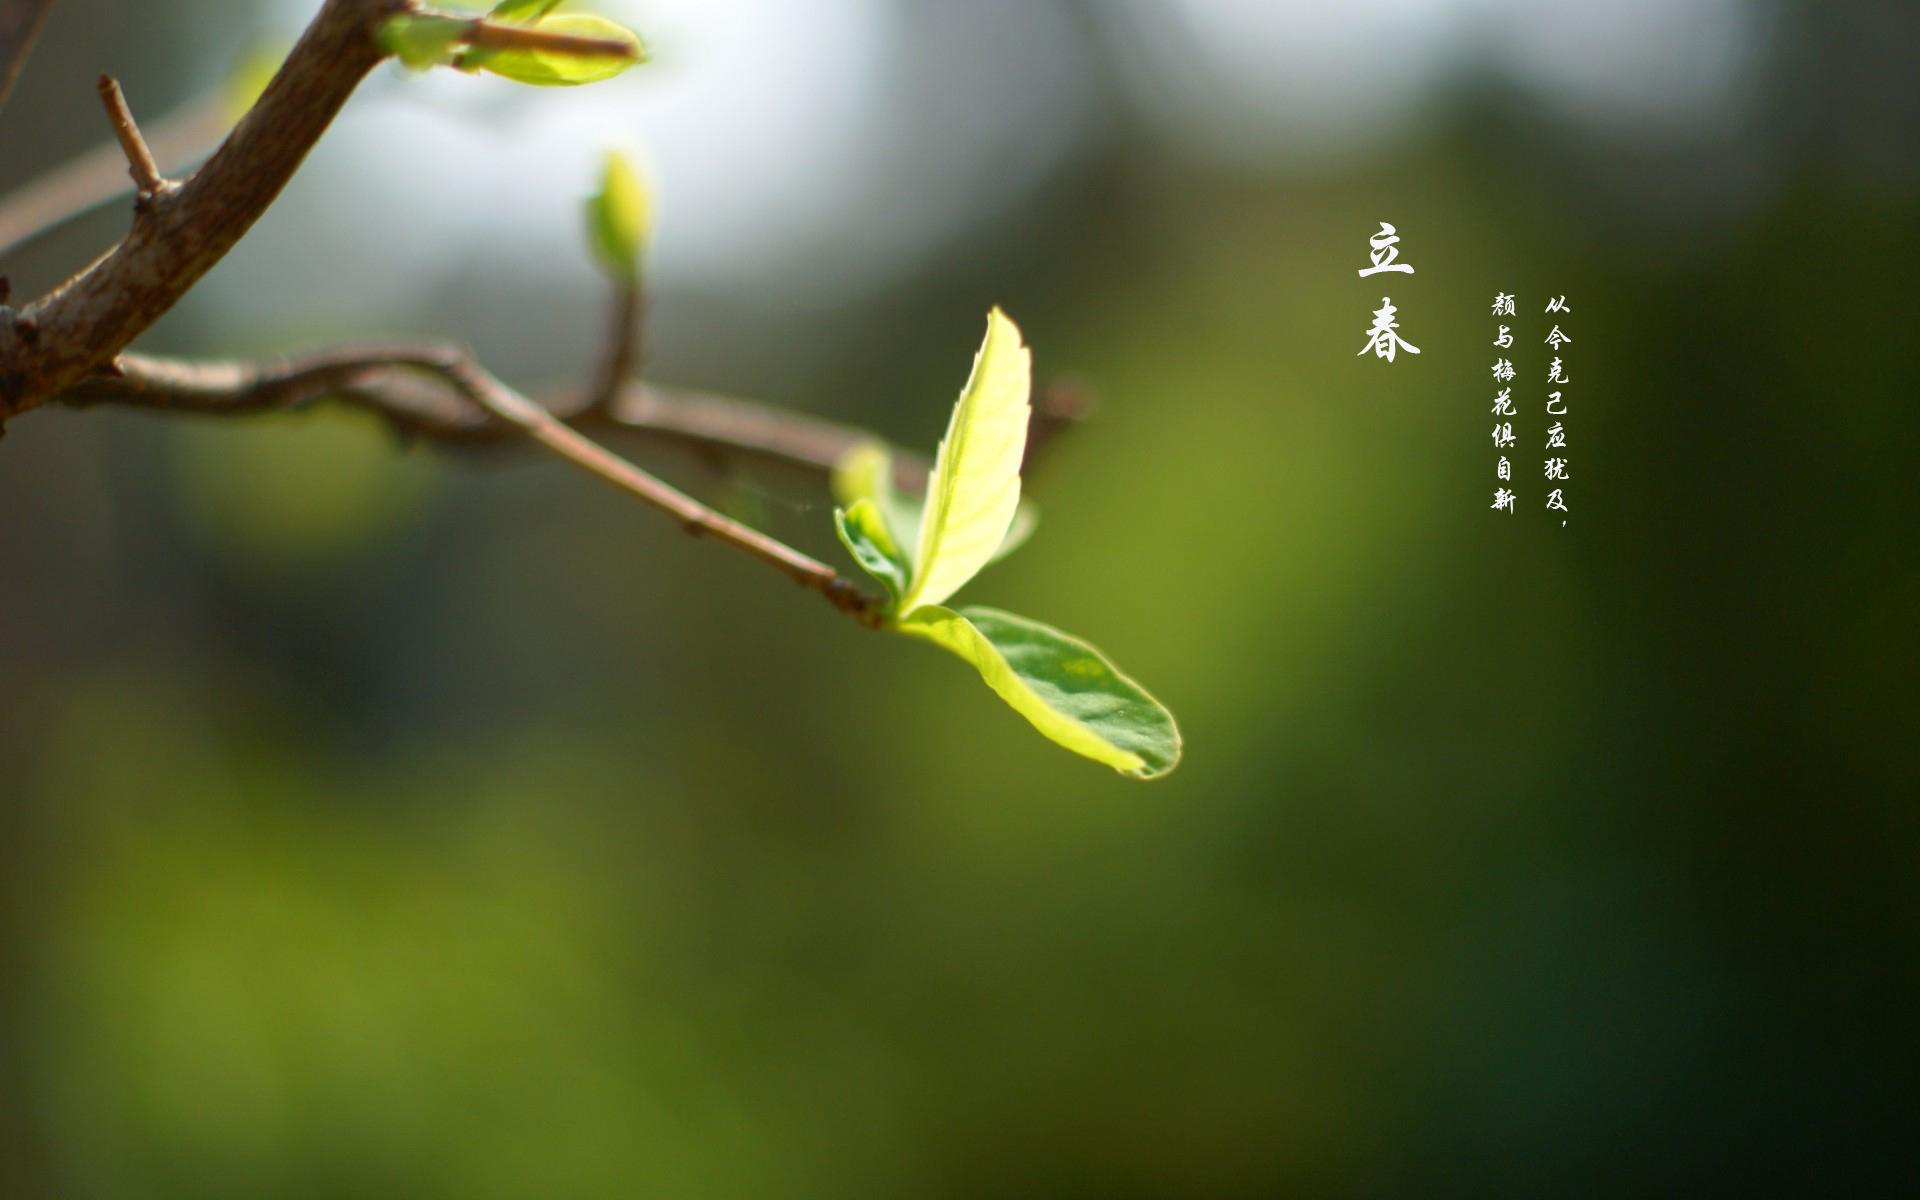 立春清新绿色护眼PPT背景图片免费下载是由PPT宝藏(www.pptbz.com)会员zengmin上传推荐的节日PPT背景图片, 更新时间为2016-10-06,素材编号104857。 所谓一年之计在于春,自古以来立春就是一个重大节日,叫春节(到民国后被易名)。中国自官方到民间都极为重视,立春之日迎春已有三千多年历史。立春时天子亲率三公九卿、诸侯大夫去东郊迎春,祈求丰收。回来之后,要赏赐群臣,布德令以施惠兆民。这种活动影响到庶民,使之成为后来世世代代的全民的迎春活动。 古籍《群芳谱》对立春解释为:&l